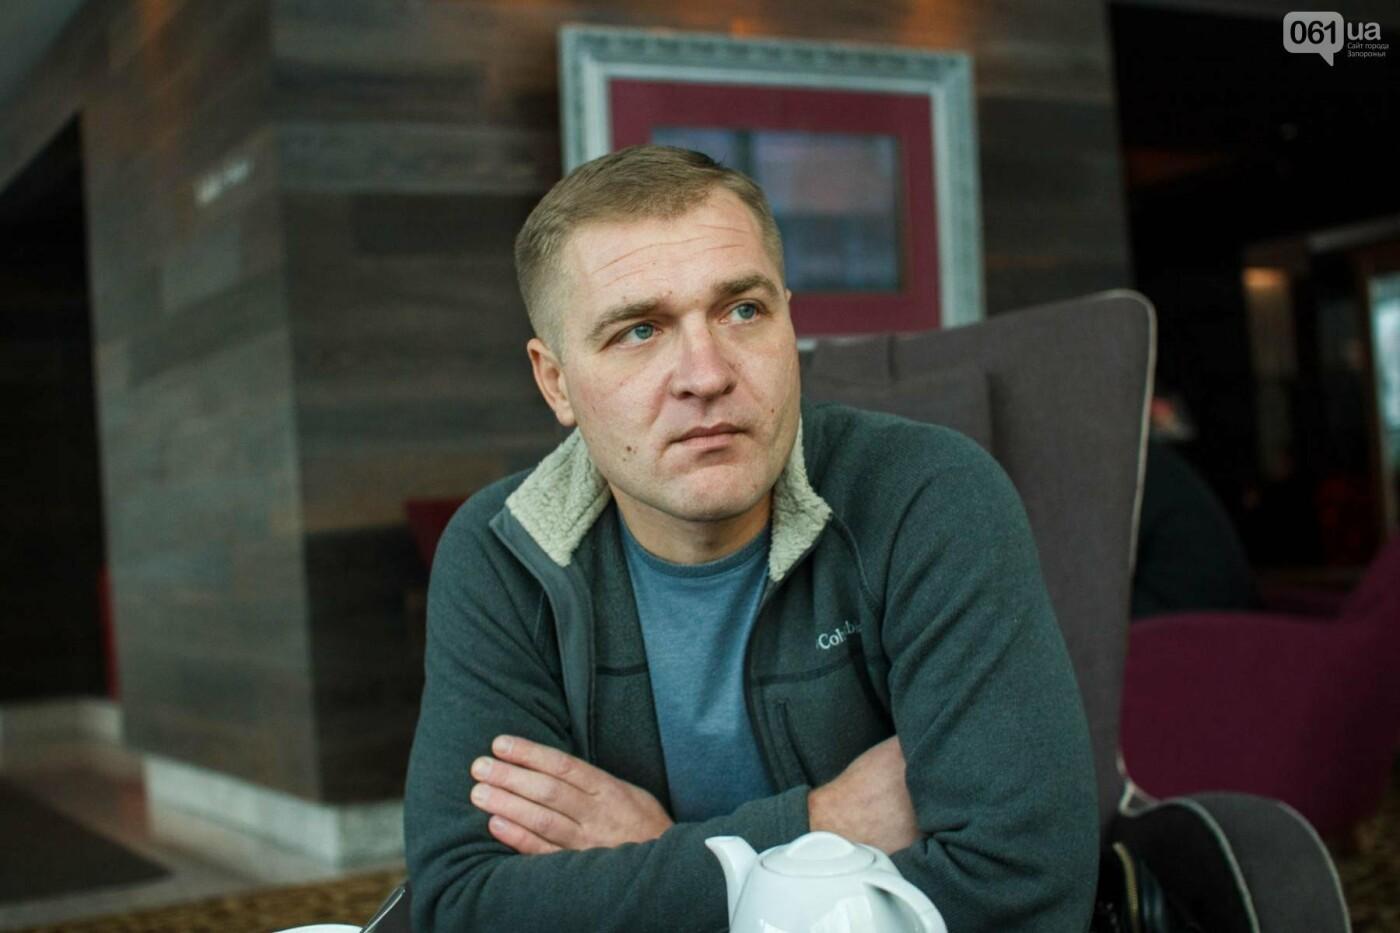 Экс-начальник запорожской полиции Олег Золотоноша не знает, является ли фигурантом уголовного дела: СМИ опубликовали схему расследования, фото-2